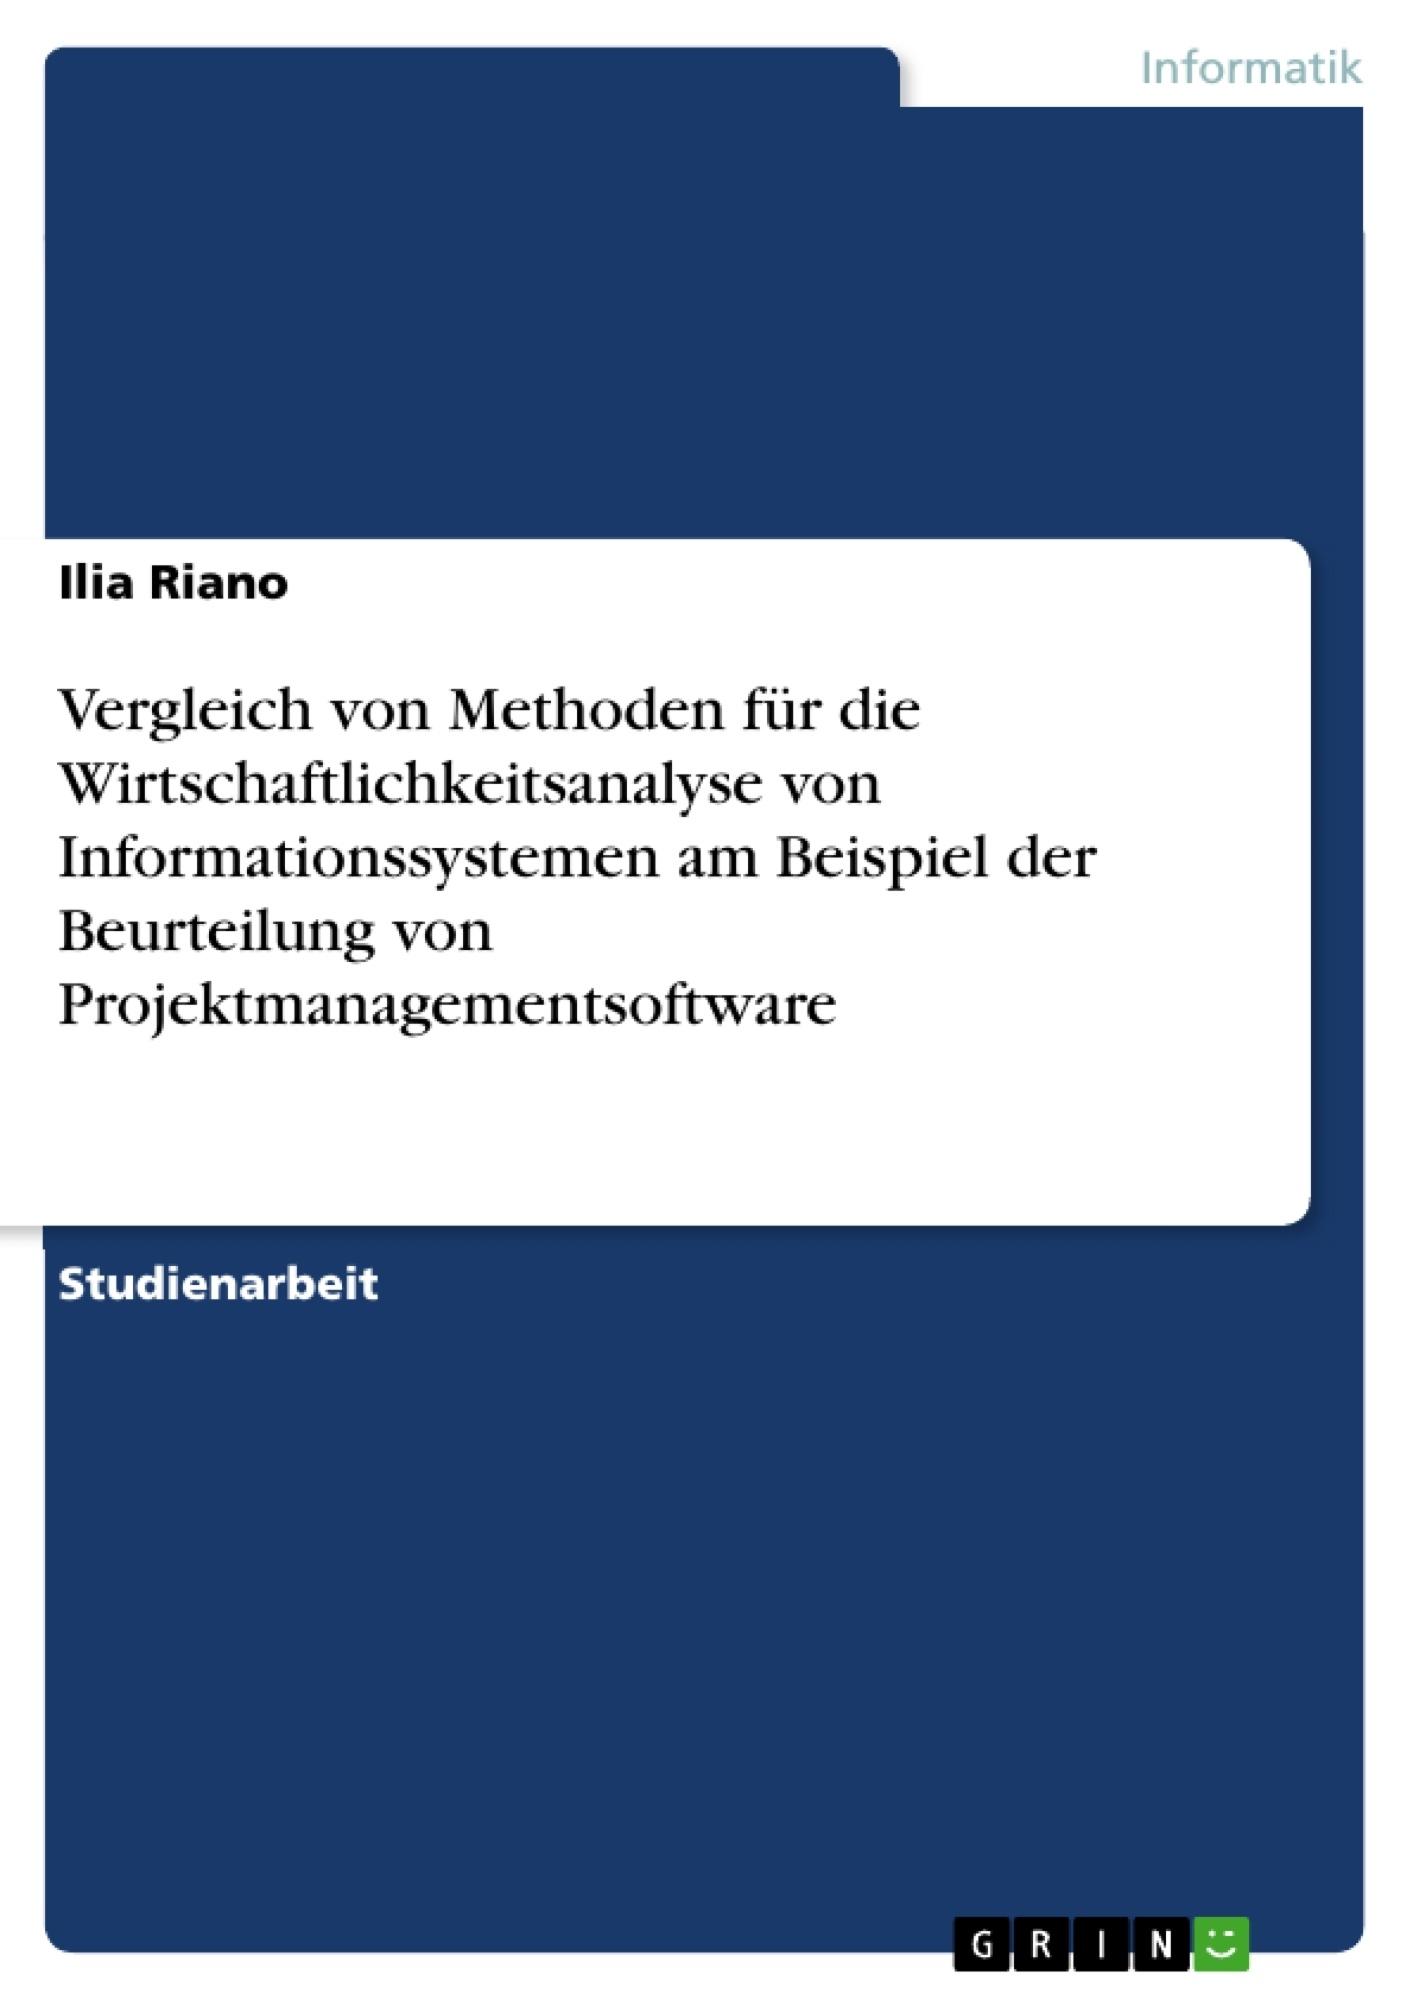 Titel: Vergleich von Methoden für die Wirtschaftlichkeitsanalyse von Informationssystemen am Beispiel der Beurteilung von Projektmanagementsoftware